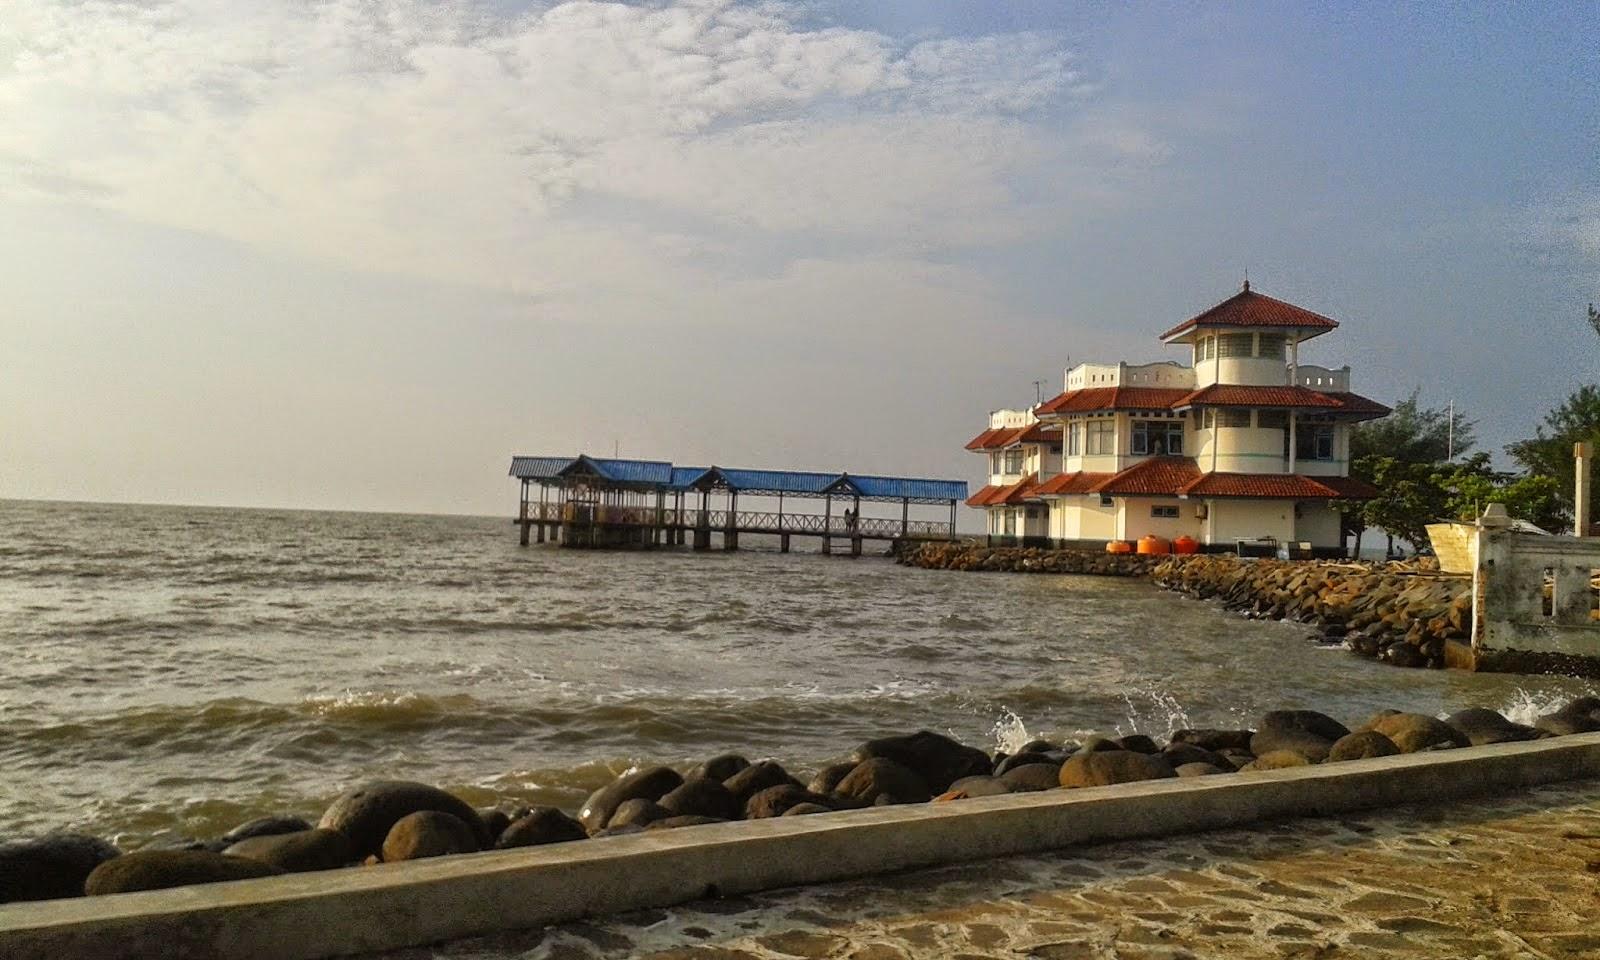 wisata pekalongan pantai pasir kencana